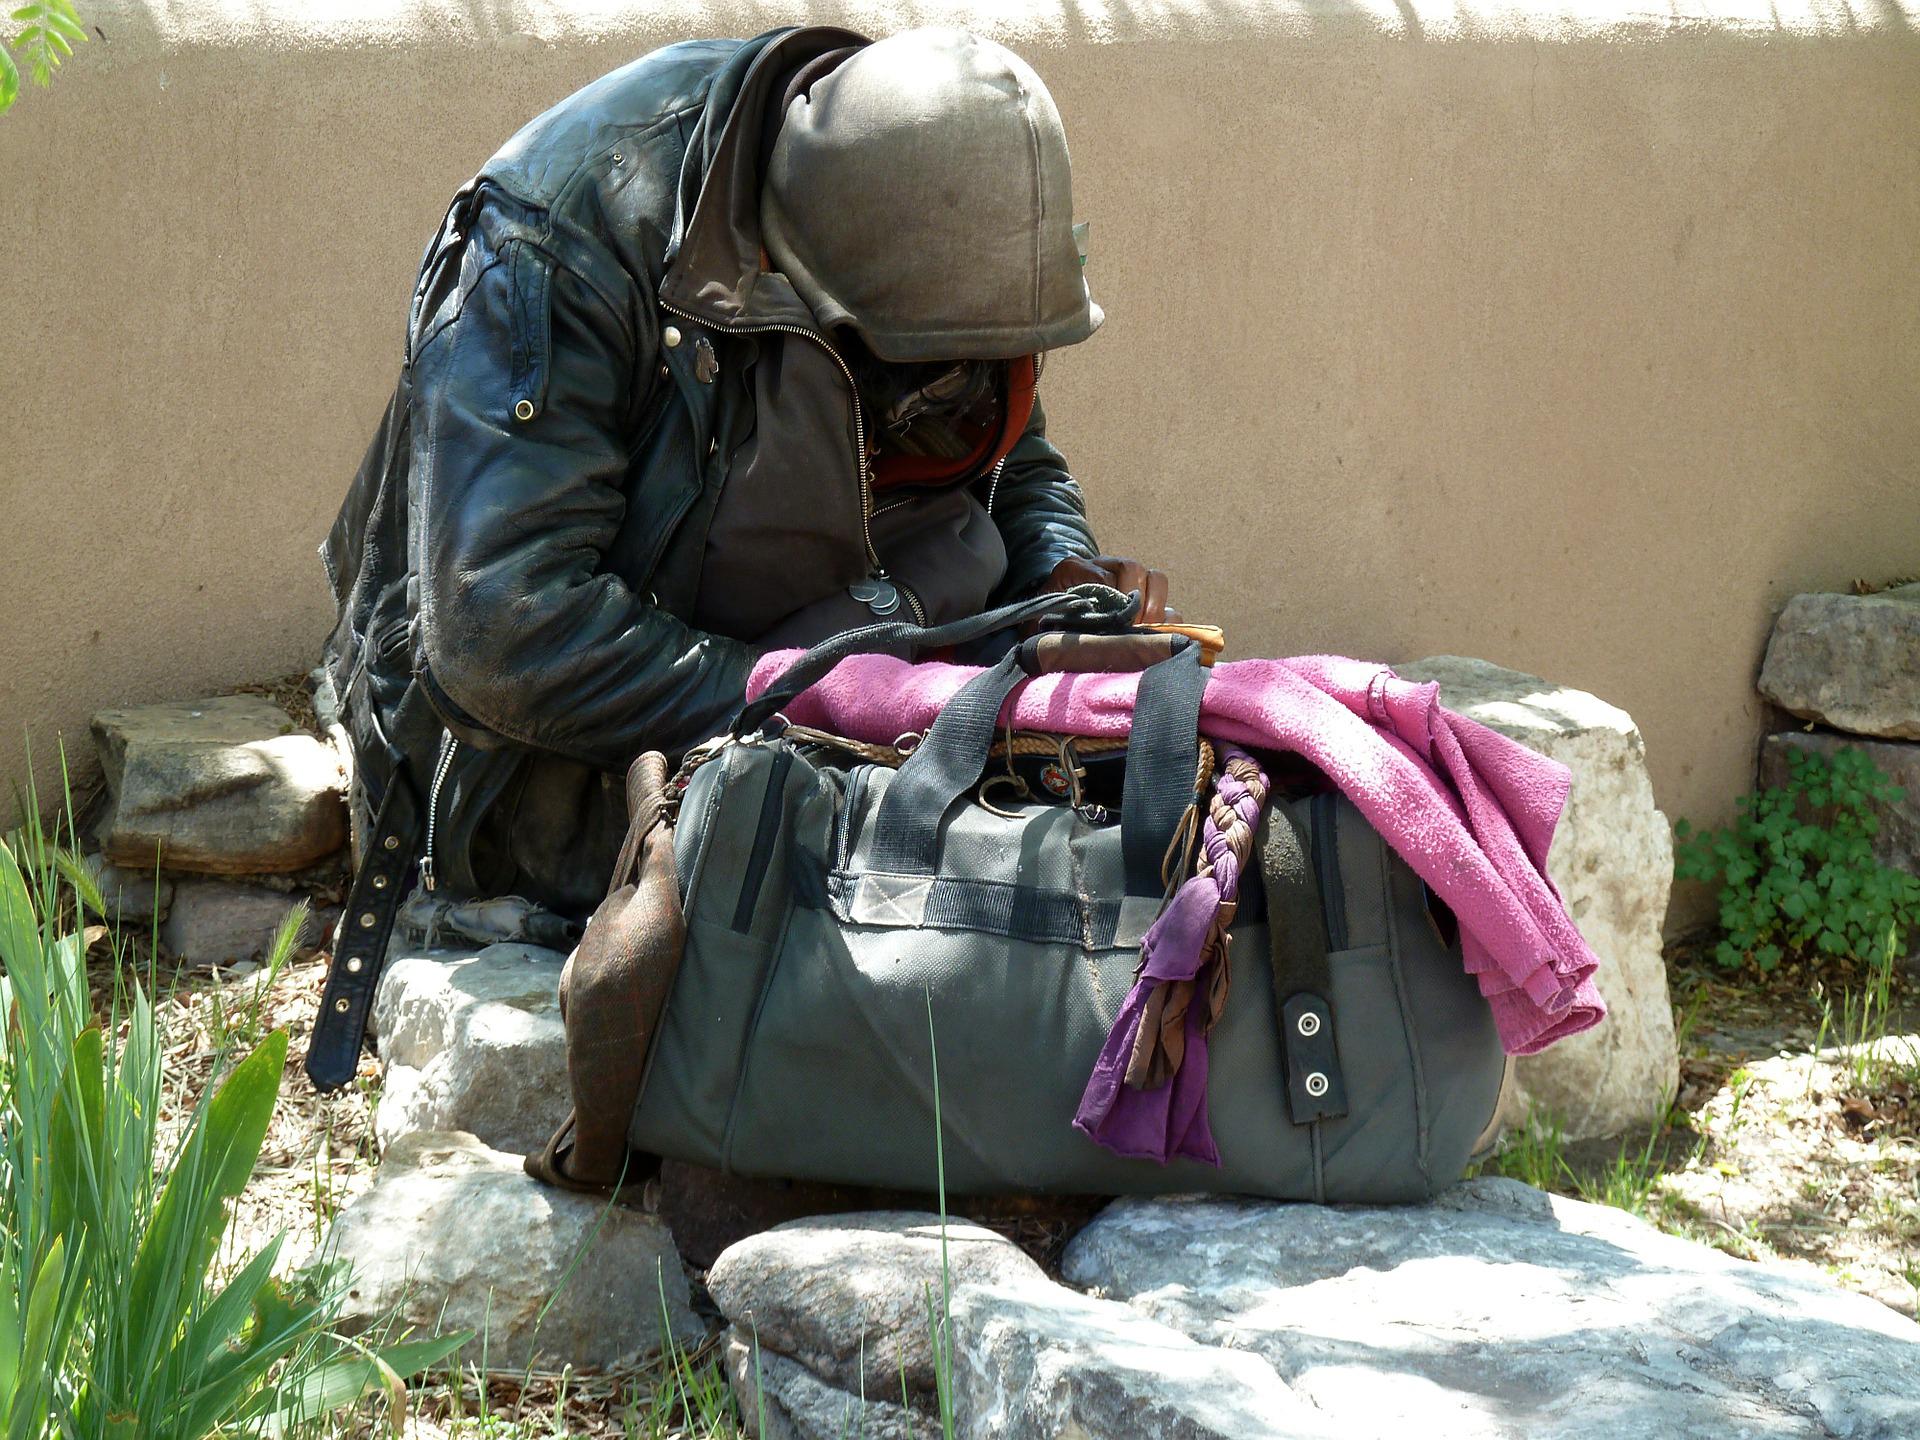 Pubblicare fotografie di mendicanti